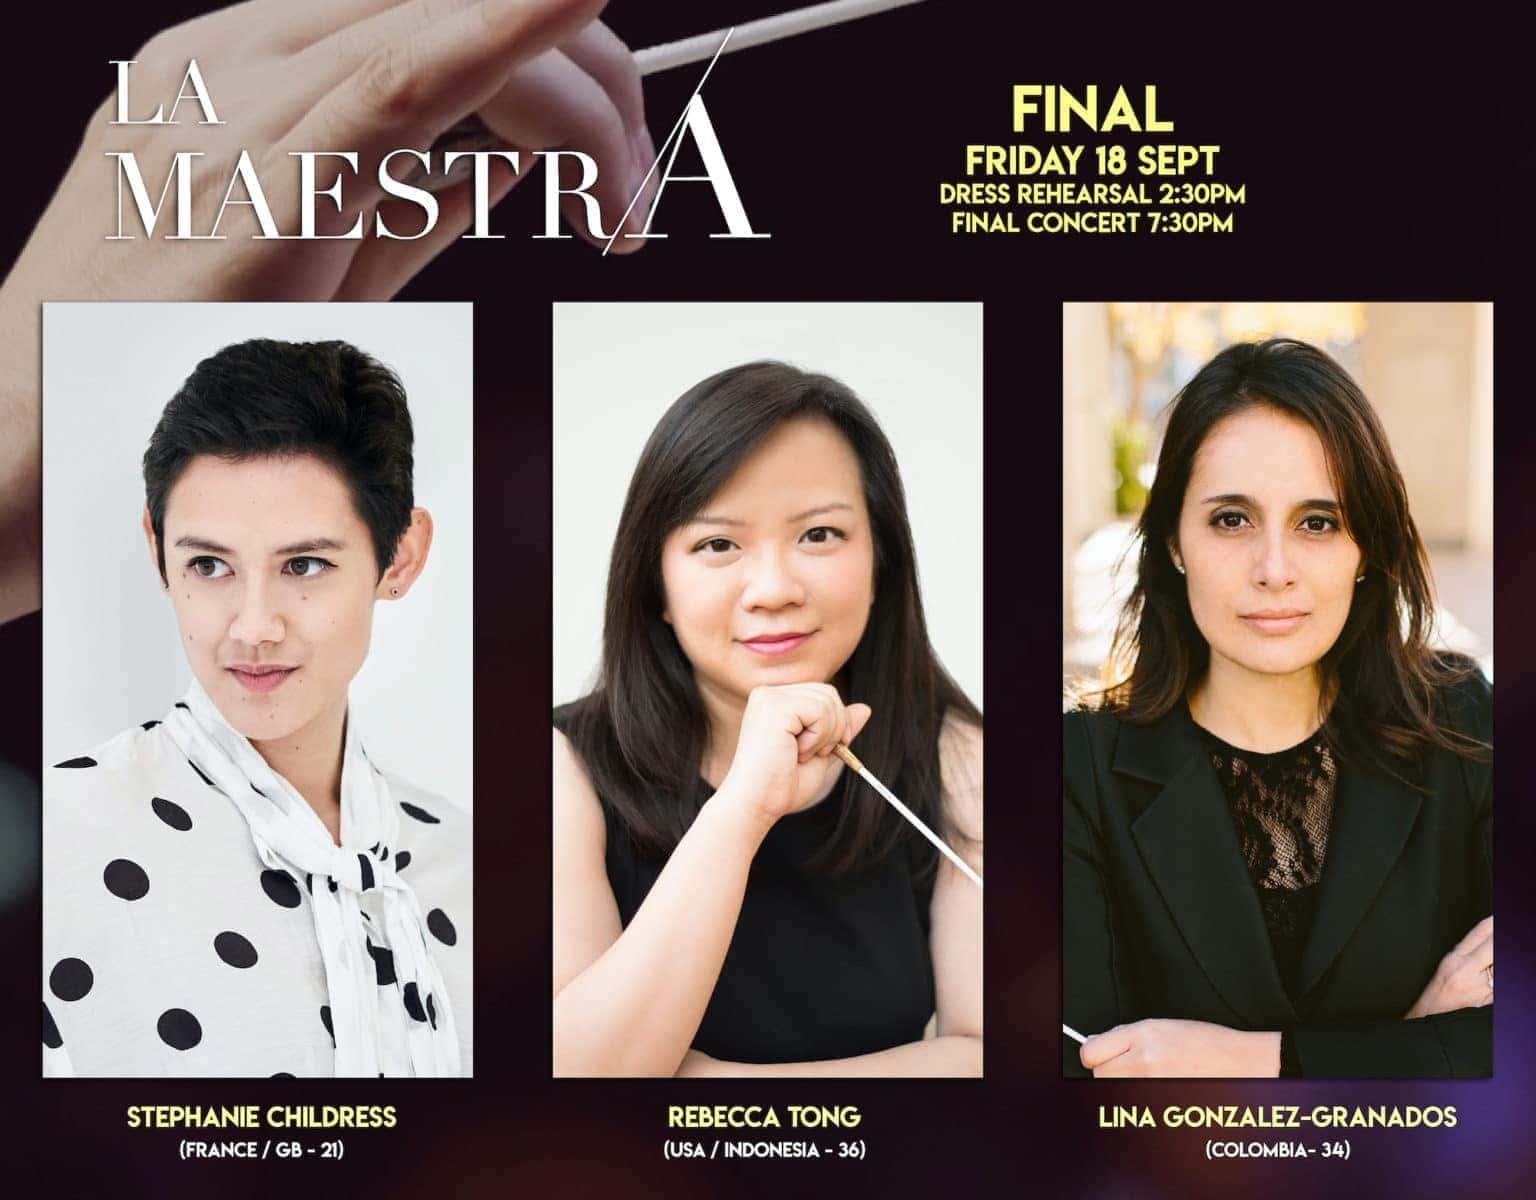 «La Maestra»: итоги первого конкурса для женщин-дирижёров